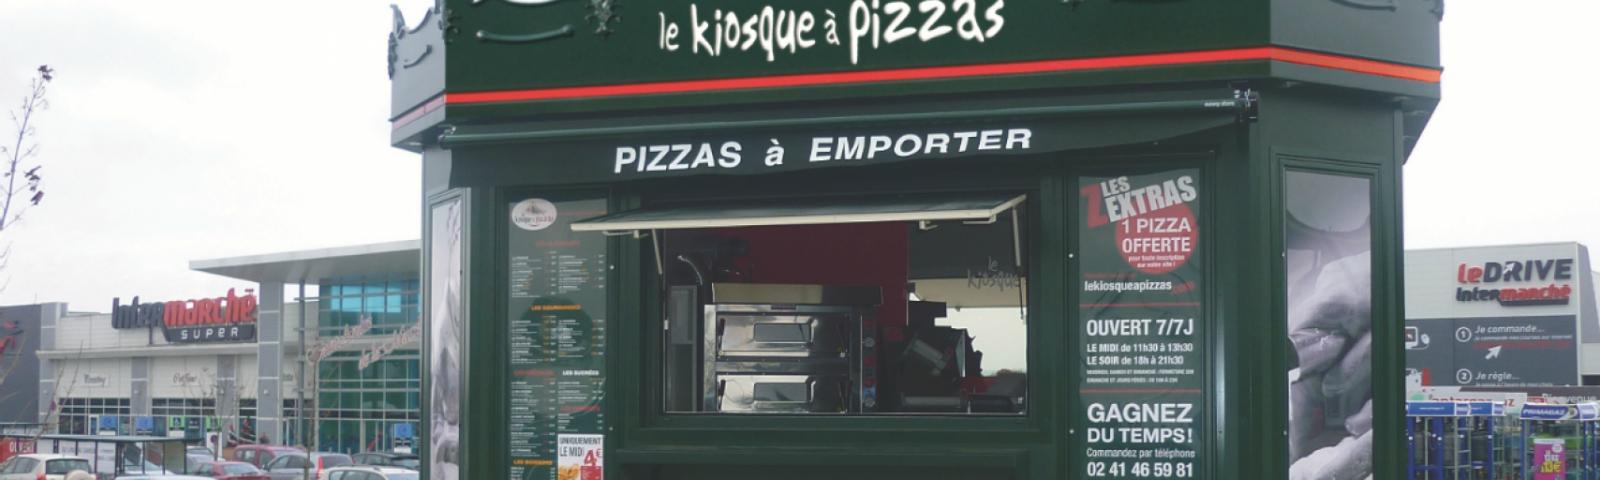 Le Kiosque à Pizzas quer fechar 2017 com 10 quiosques abertos